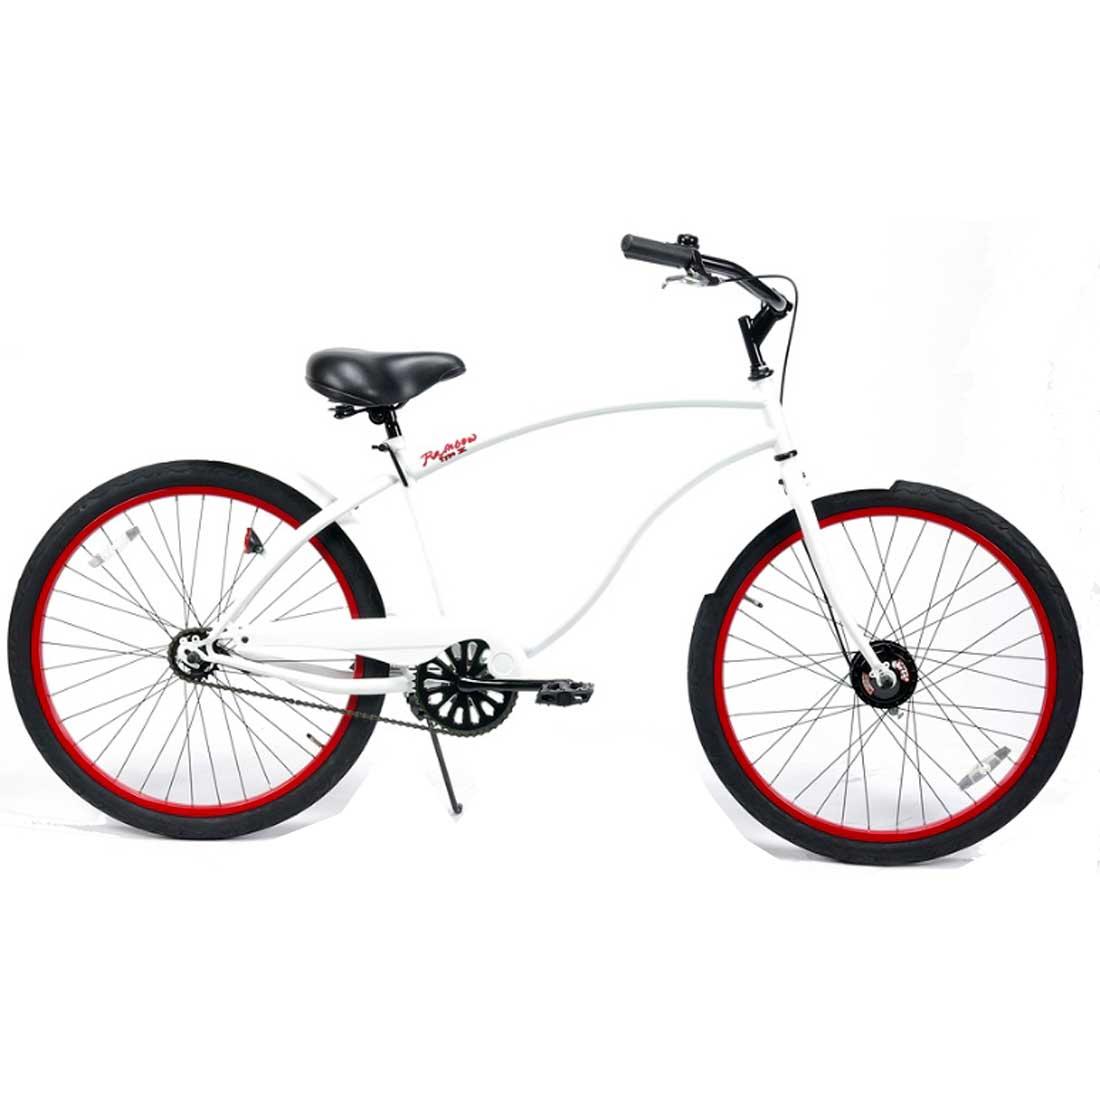 ビーチクルーザー 26インチ おしゃれ 自転車 通勤 通学 レインボービーチクルーザー 26TYPE-X グロスホワイト×レッドリム メンズ レディース